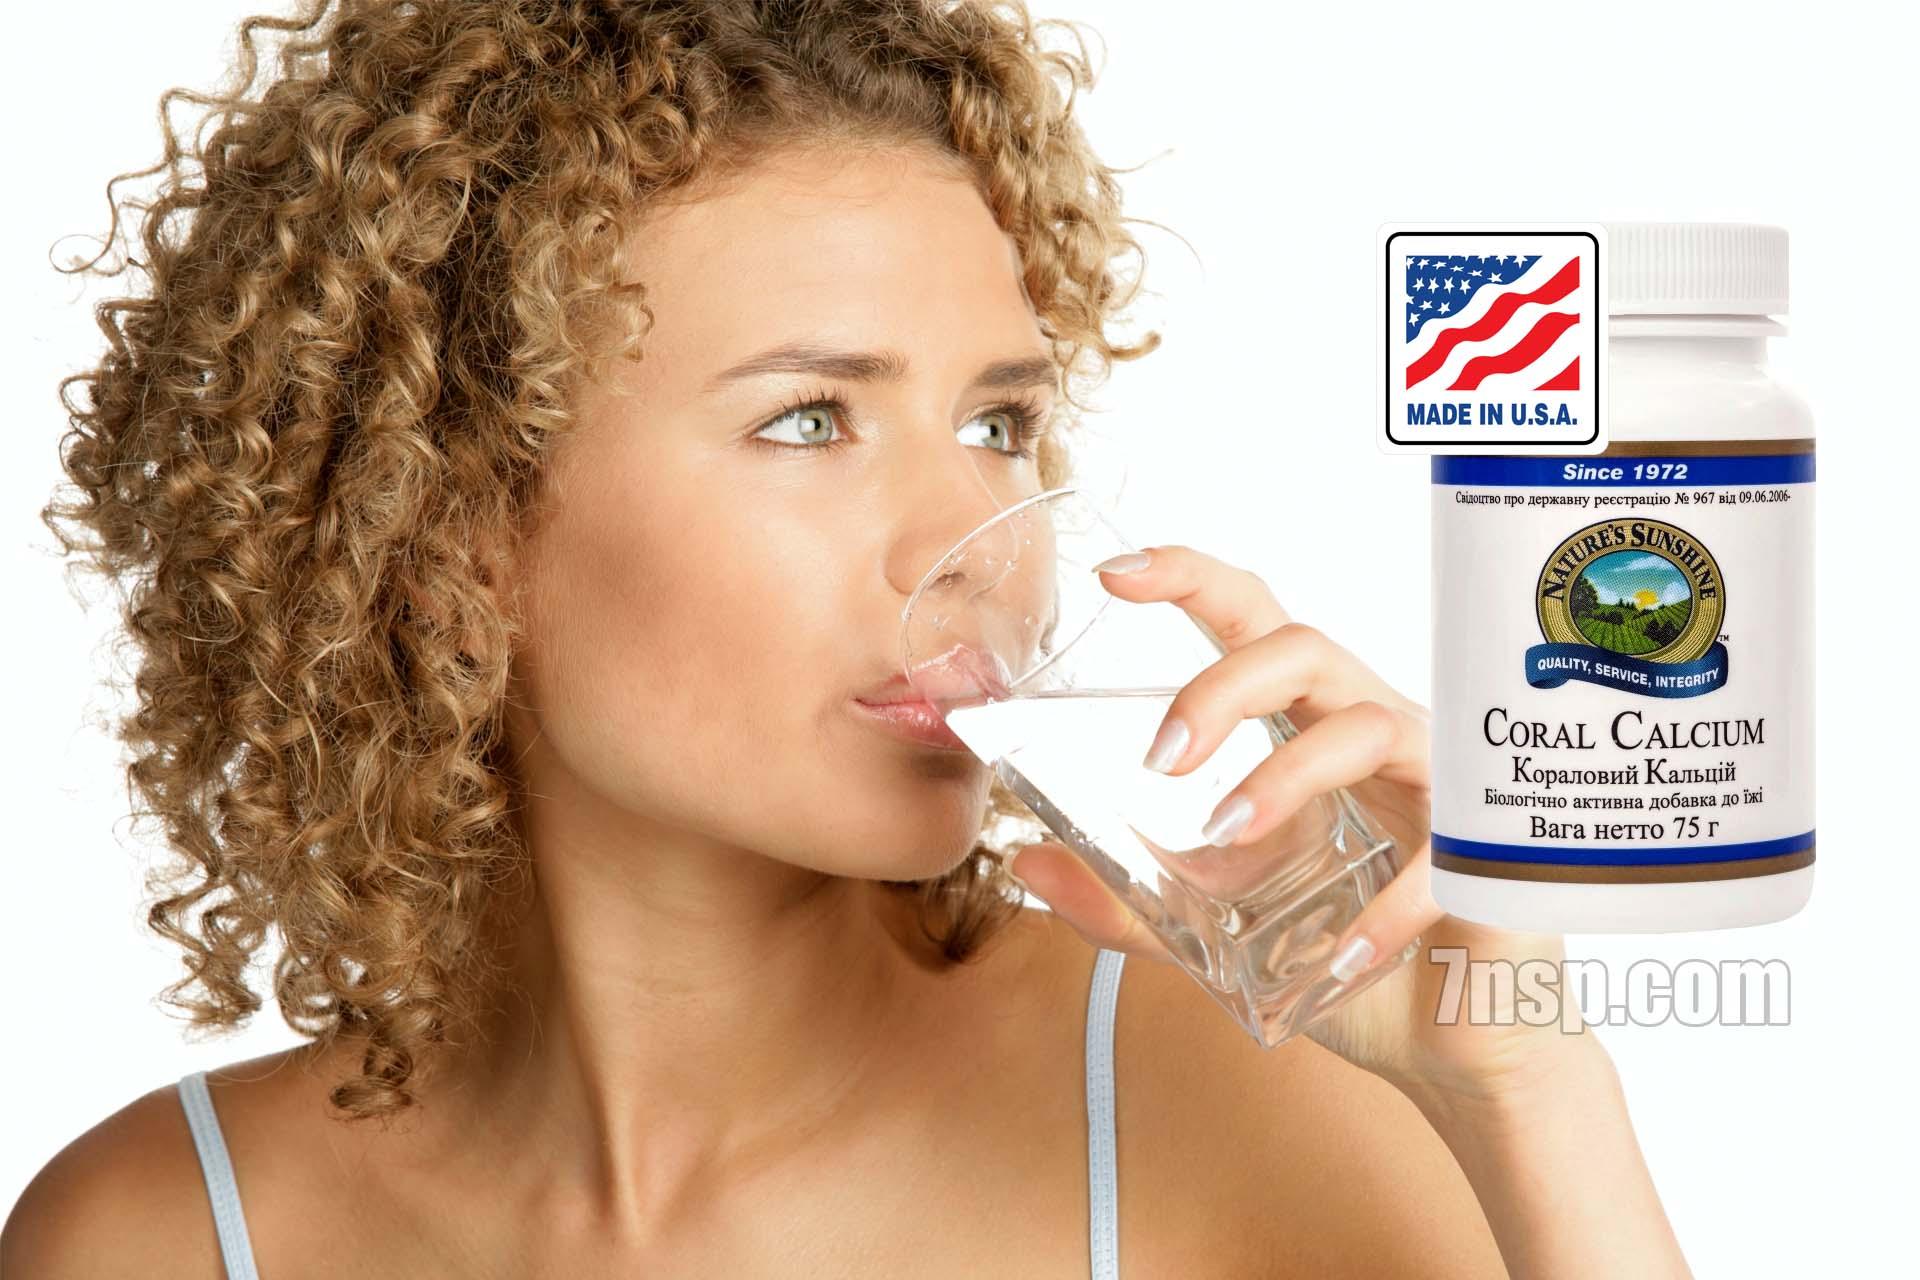 Ощелачивание организма, воды в домашних условиях, pH-таблица